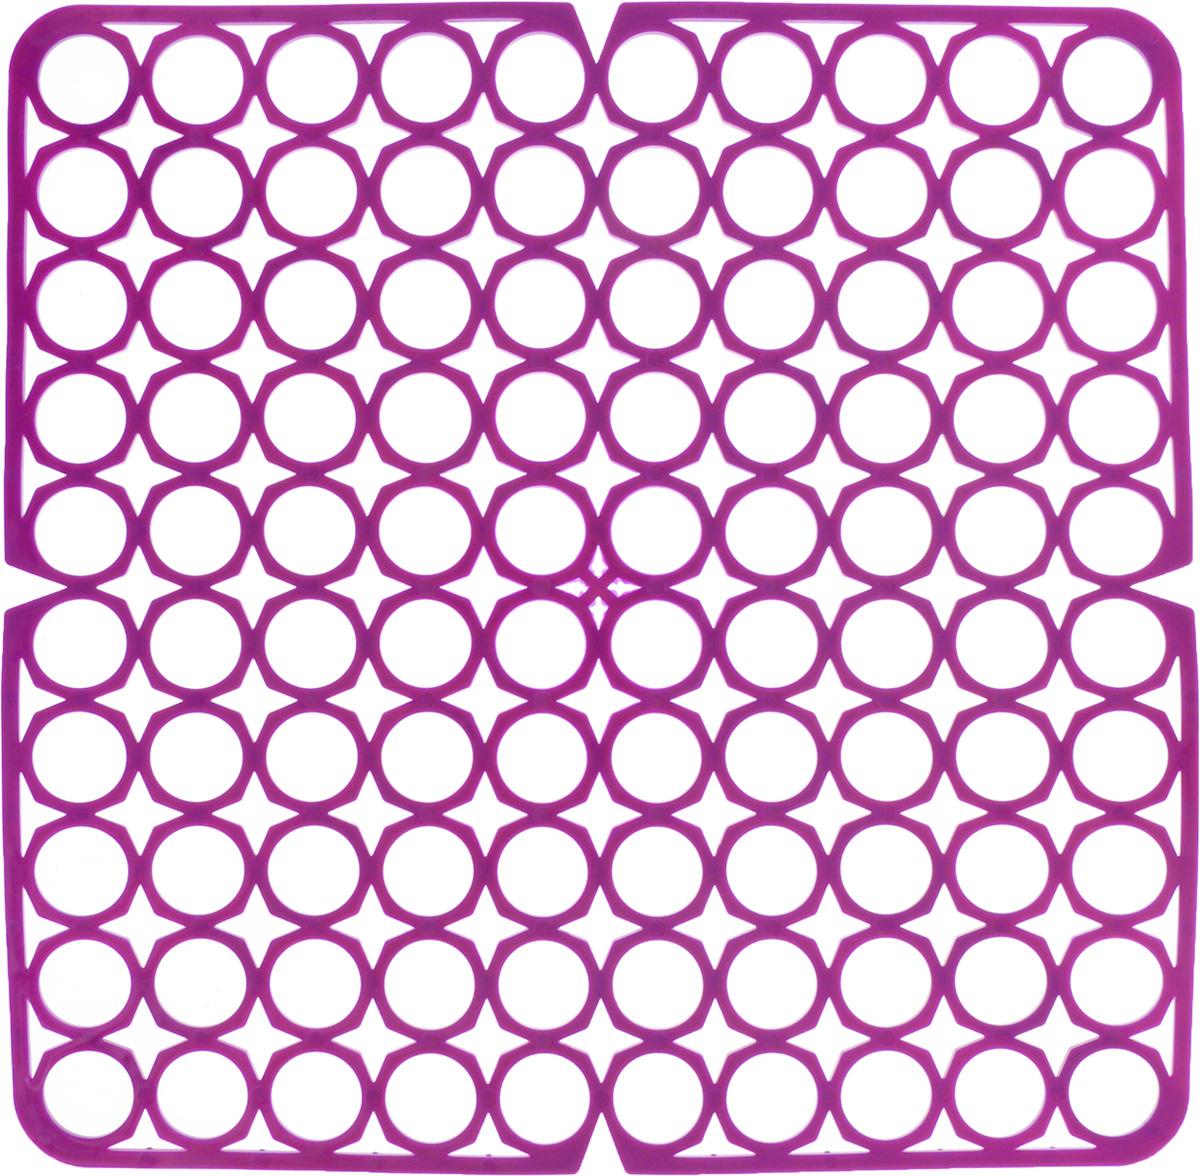 Коврик для раковины York, цвет: фиолетовый, 27,5 х 27,5 см9561/095610_фиолетовыйСтильный и удобный коврик для раковины York изготовлен из сложных полимеров. Он одновременно выполняет несколько функций: украшает, защищает мойку от царапин и сколов, смягчает удары при падении посуды в мойку. Коврик также можно использовать для сушки посуды, фруктов и овощей. Он легко очищается от грязи и жира.